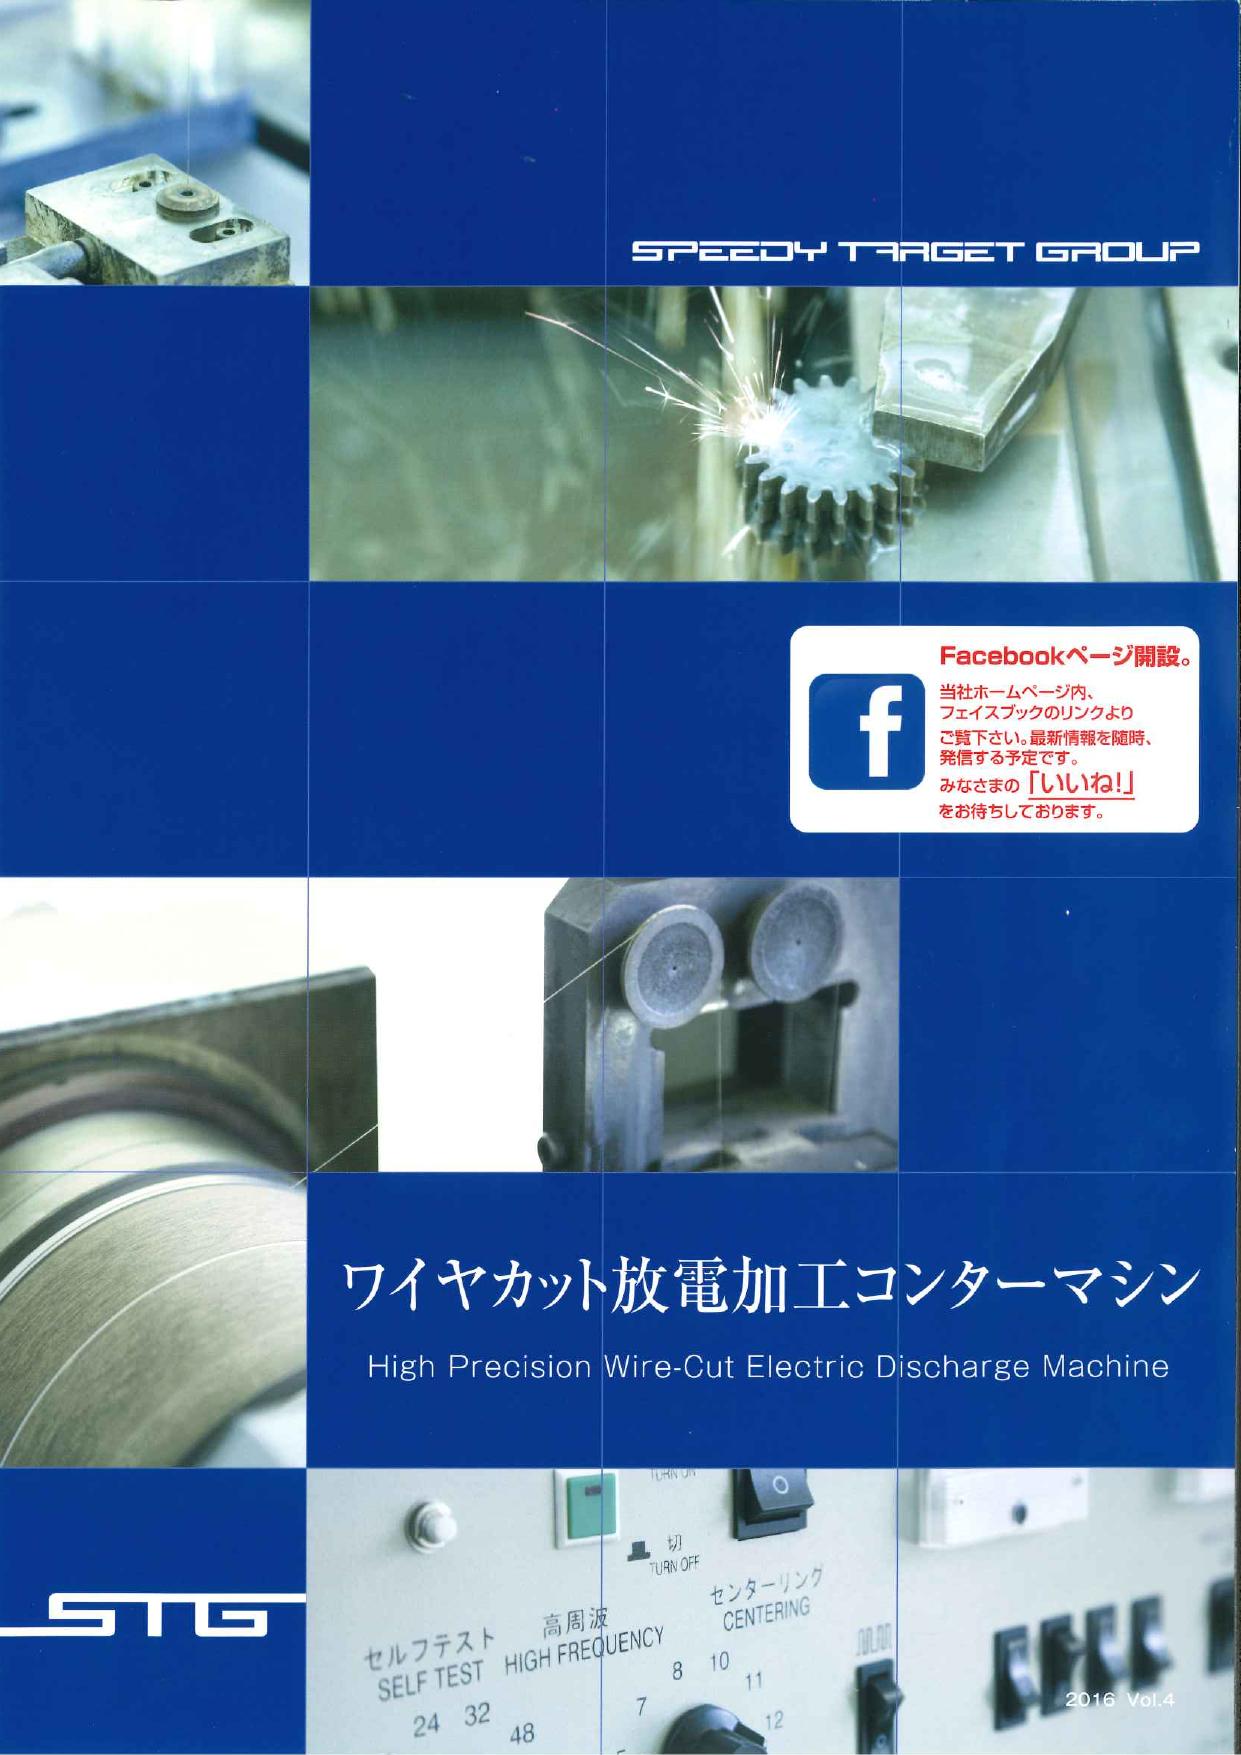 ワイヤカット放電加工コンターマシン